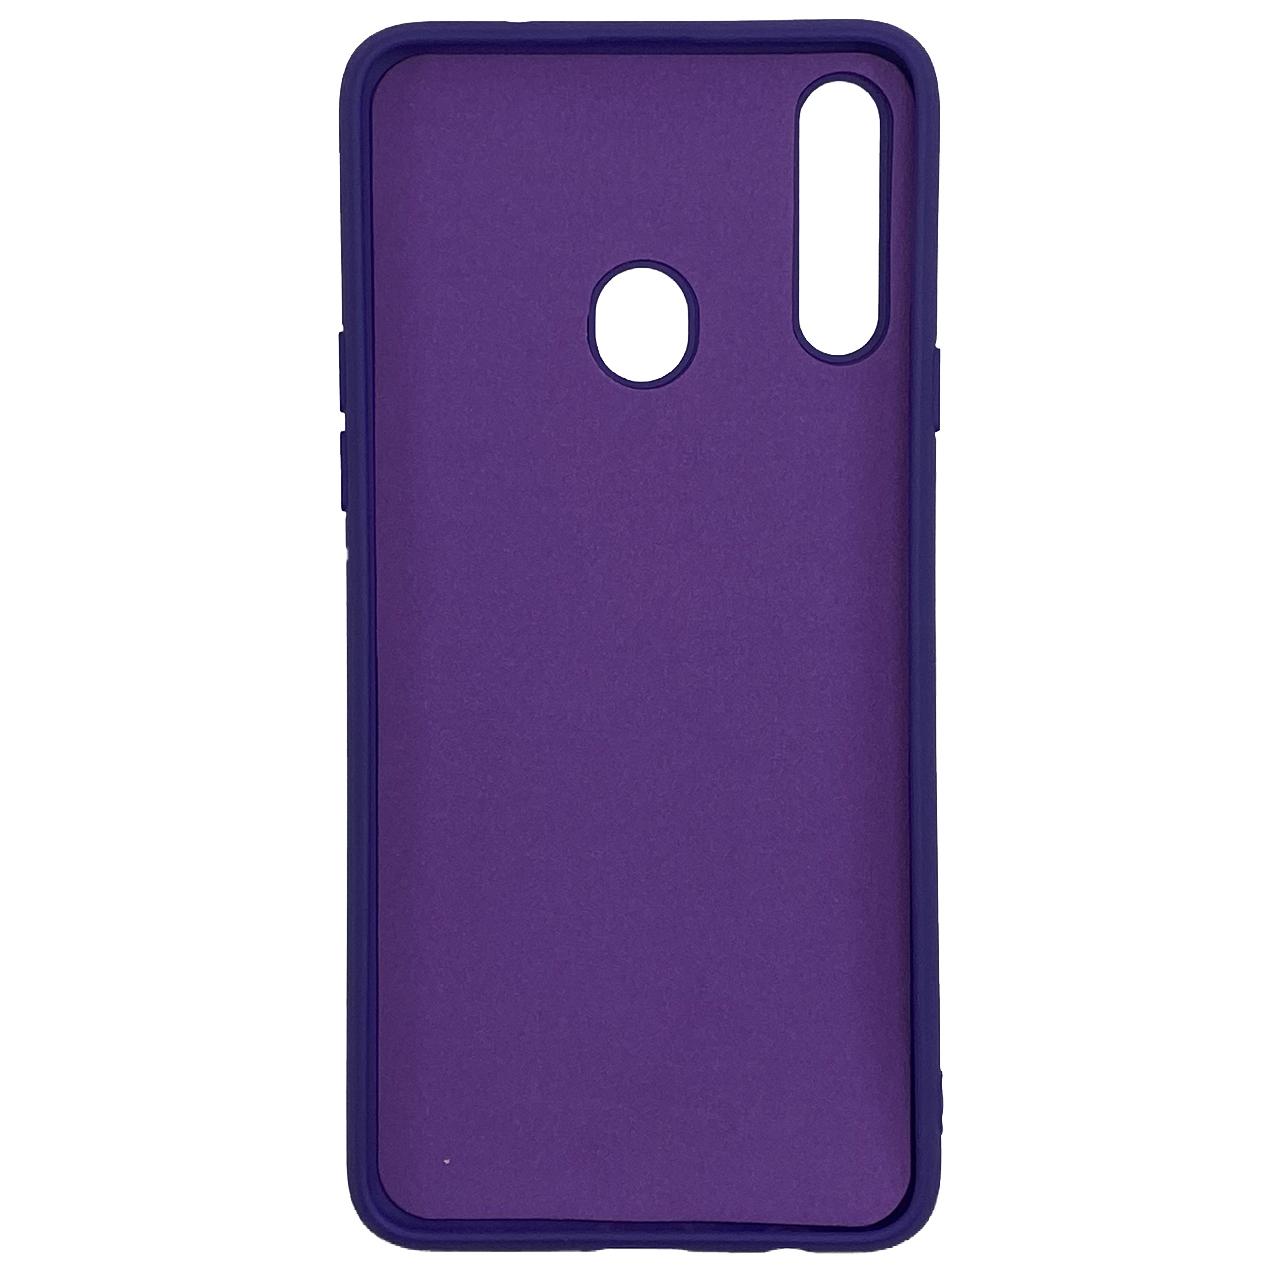 کاور مدل SCN مناسب برای گوشی موبایل سامسونگ Galaxy A20s main 1 20